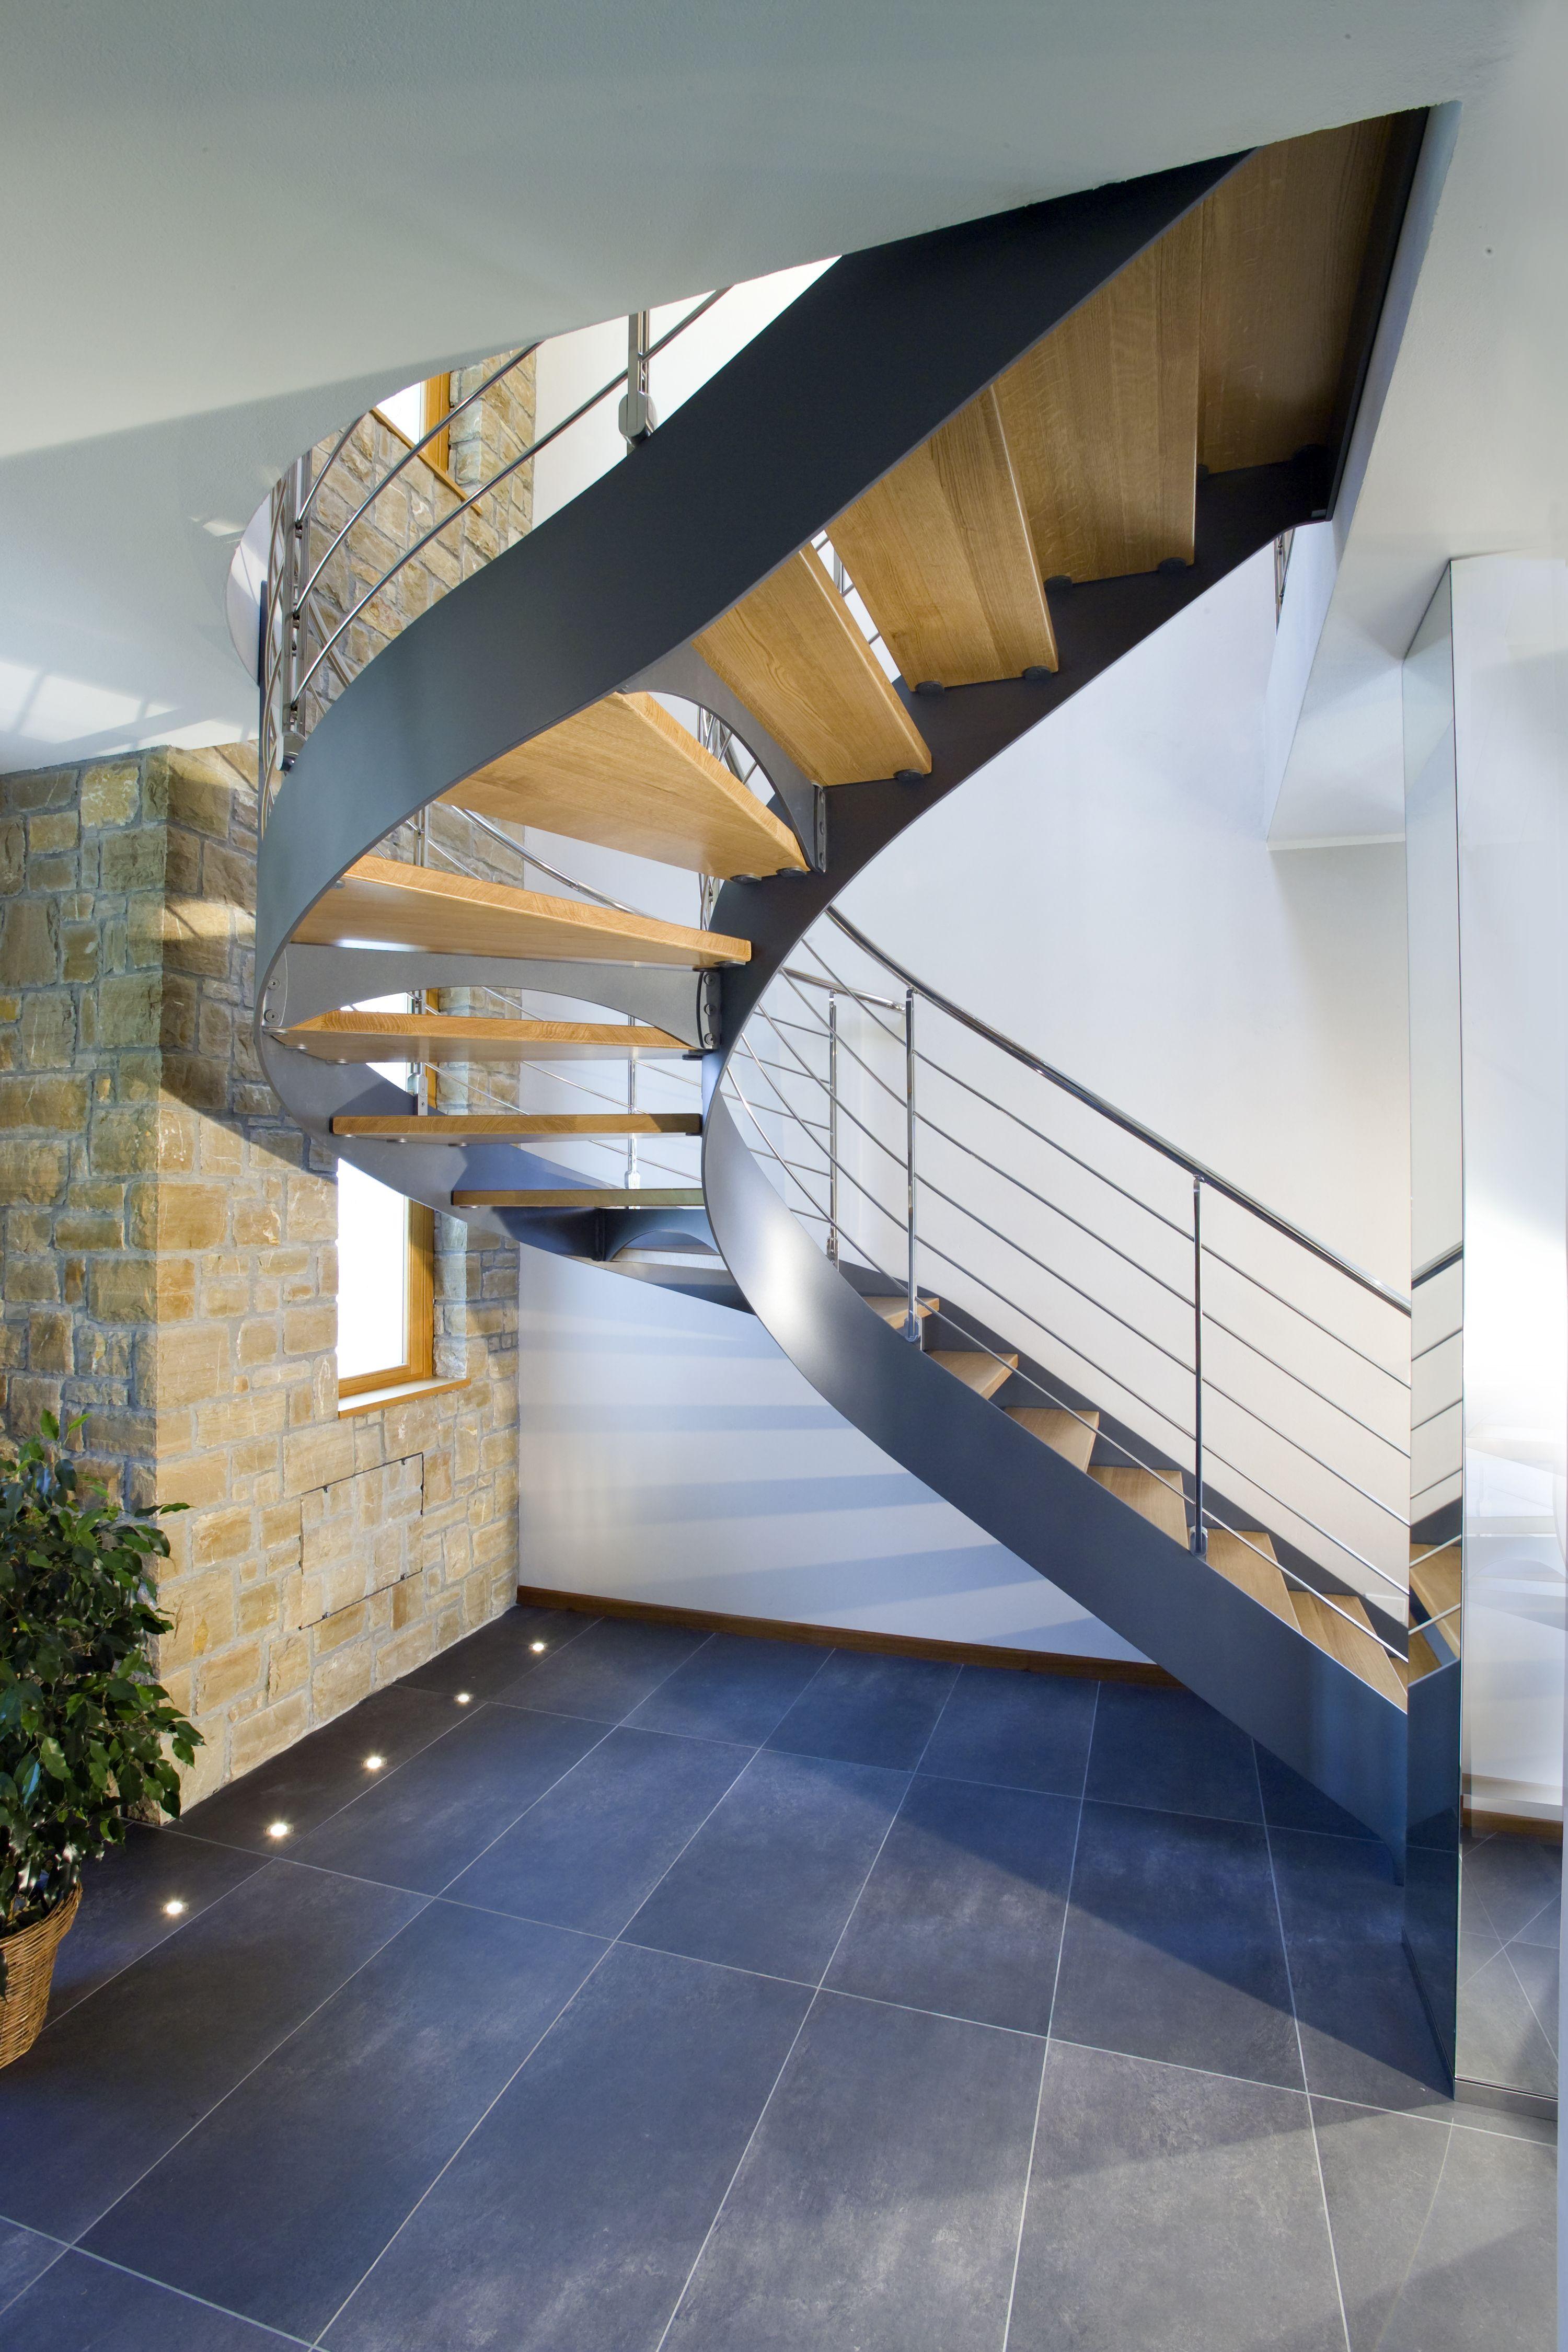 en bois, structure en acier Découvrez les réalisations descaliers  ~ Limon D Escalier En Bois